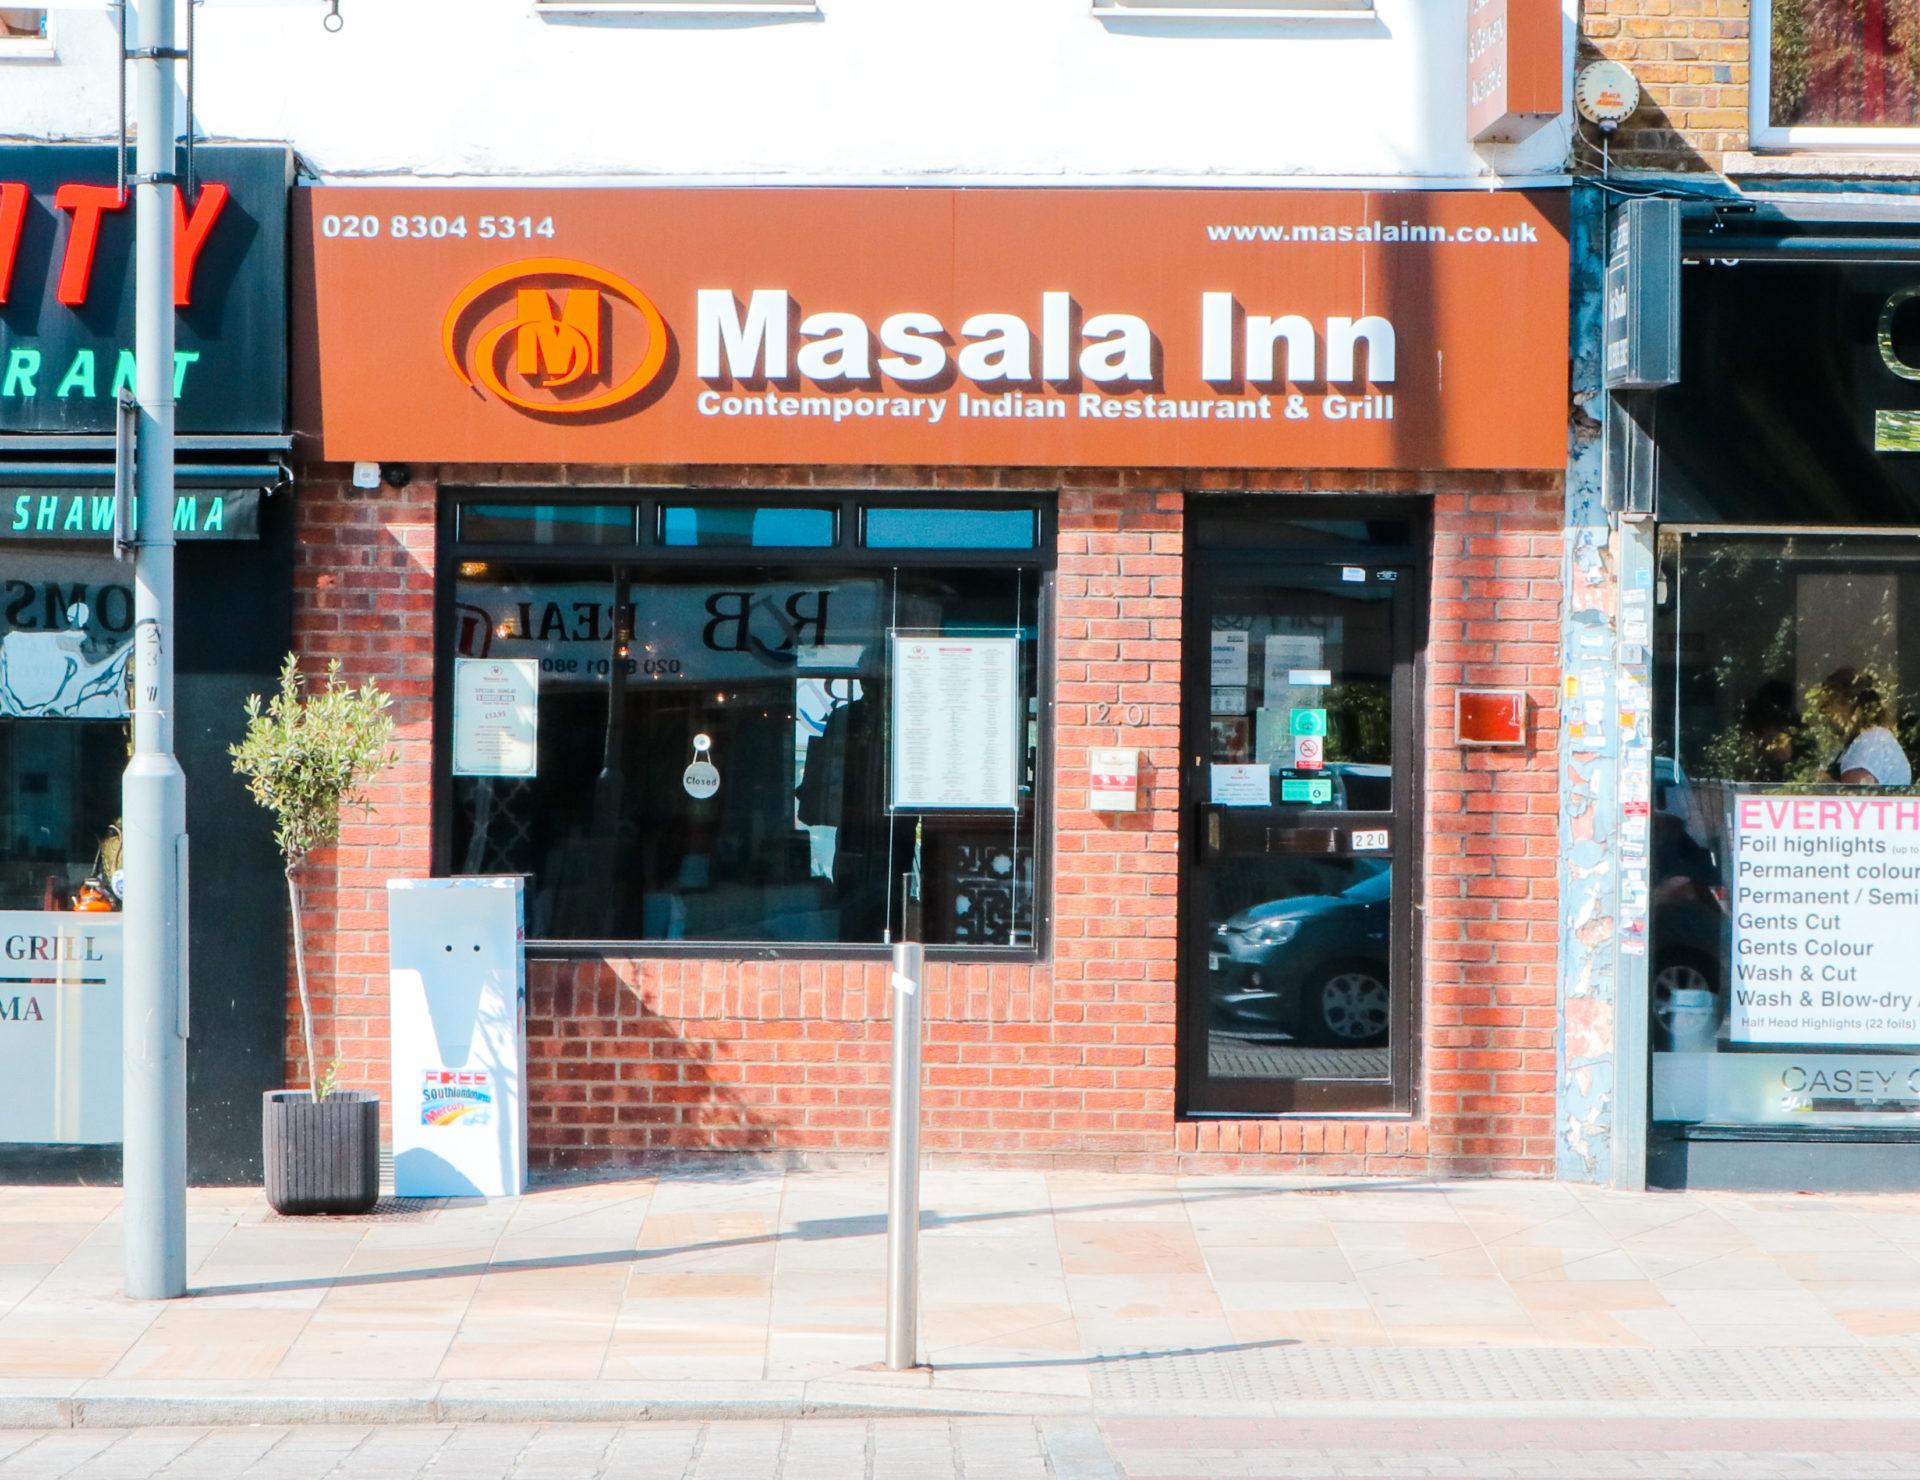 Masala Inn